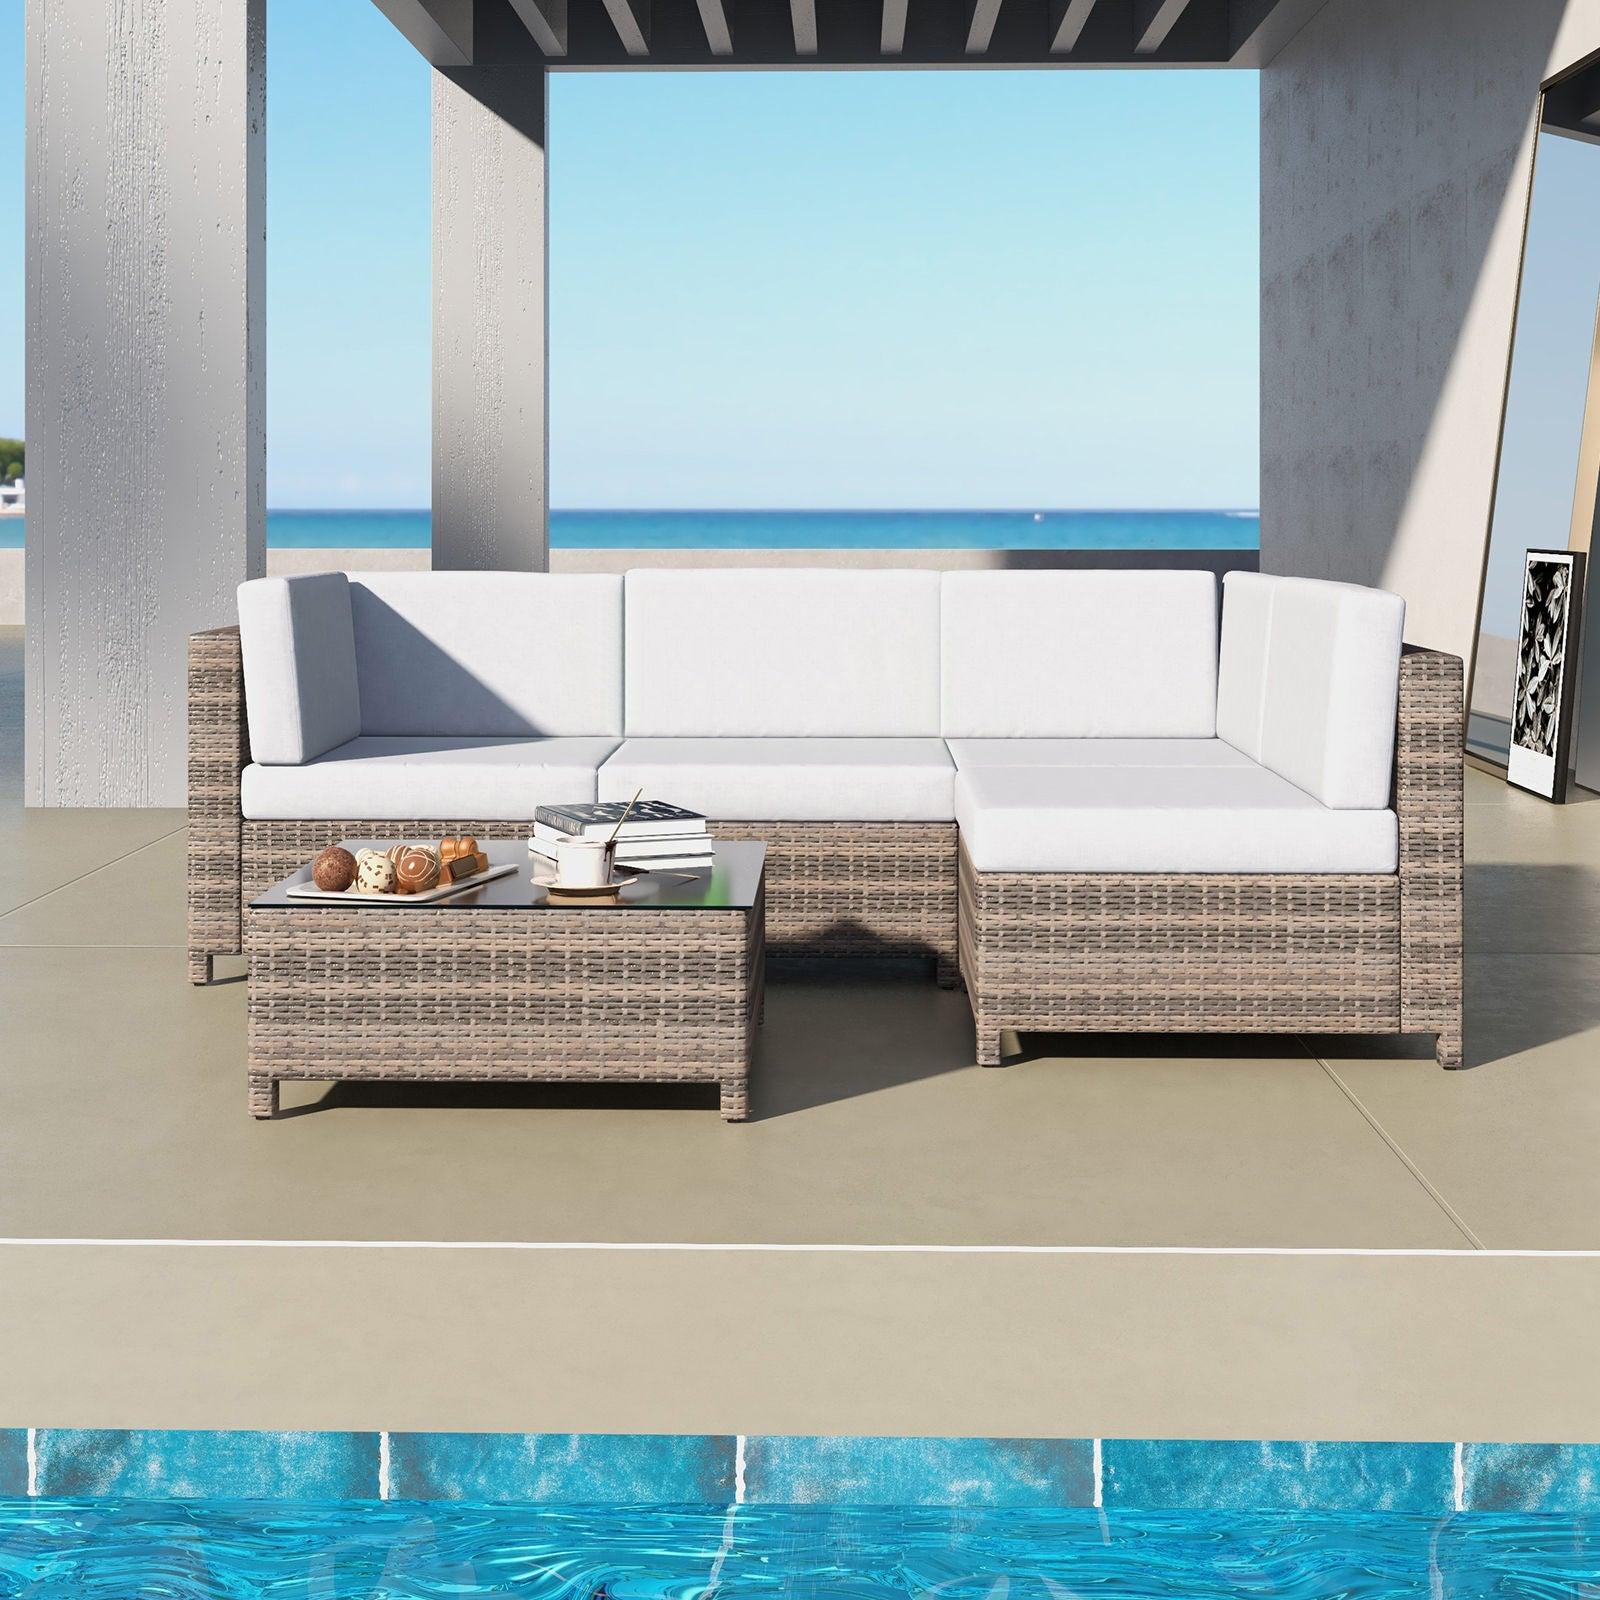 Milano Decor 5 Piece Outdoor Sofa Set Rattan Oatmeal Black Patio Garden Lounge Brown